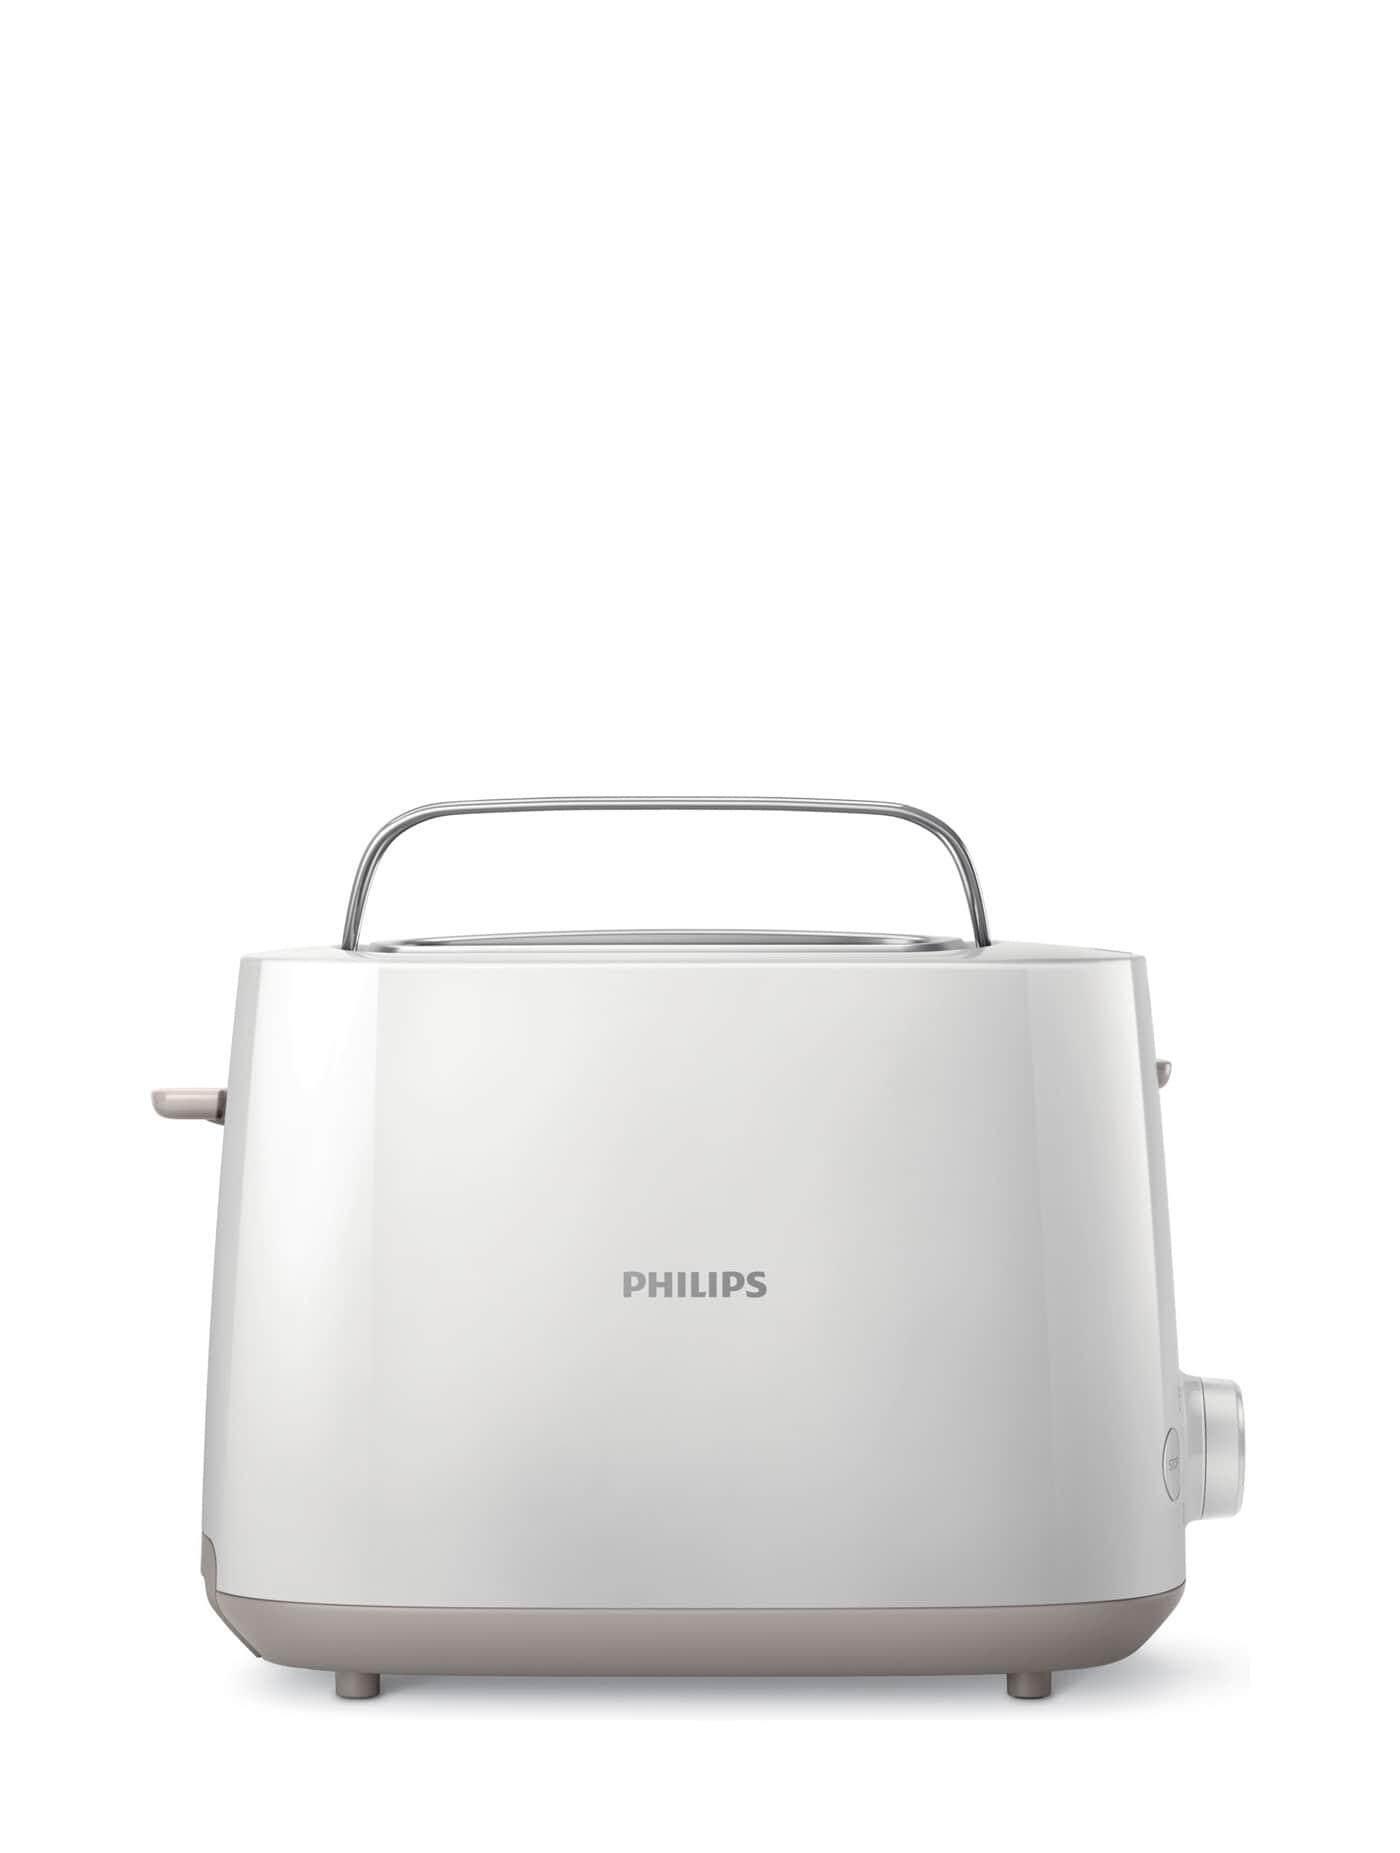 ยี่ห้อนี้ดีไหม  ชลบุรี PHILIPS เครื่องปิ้งขนมปัง รุ่น HD2581 สีขาว toasters sandwich makers